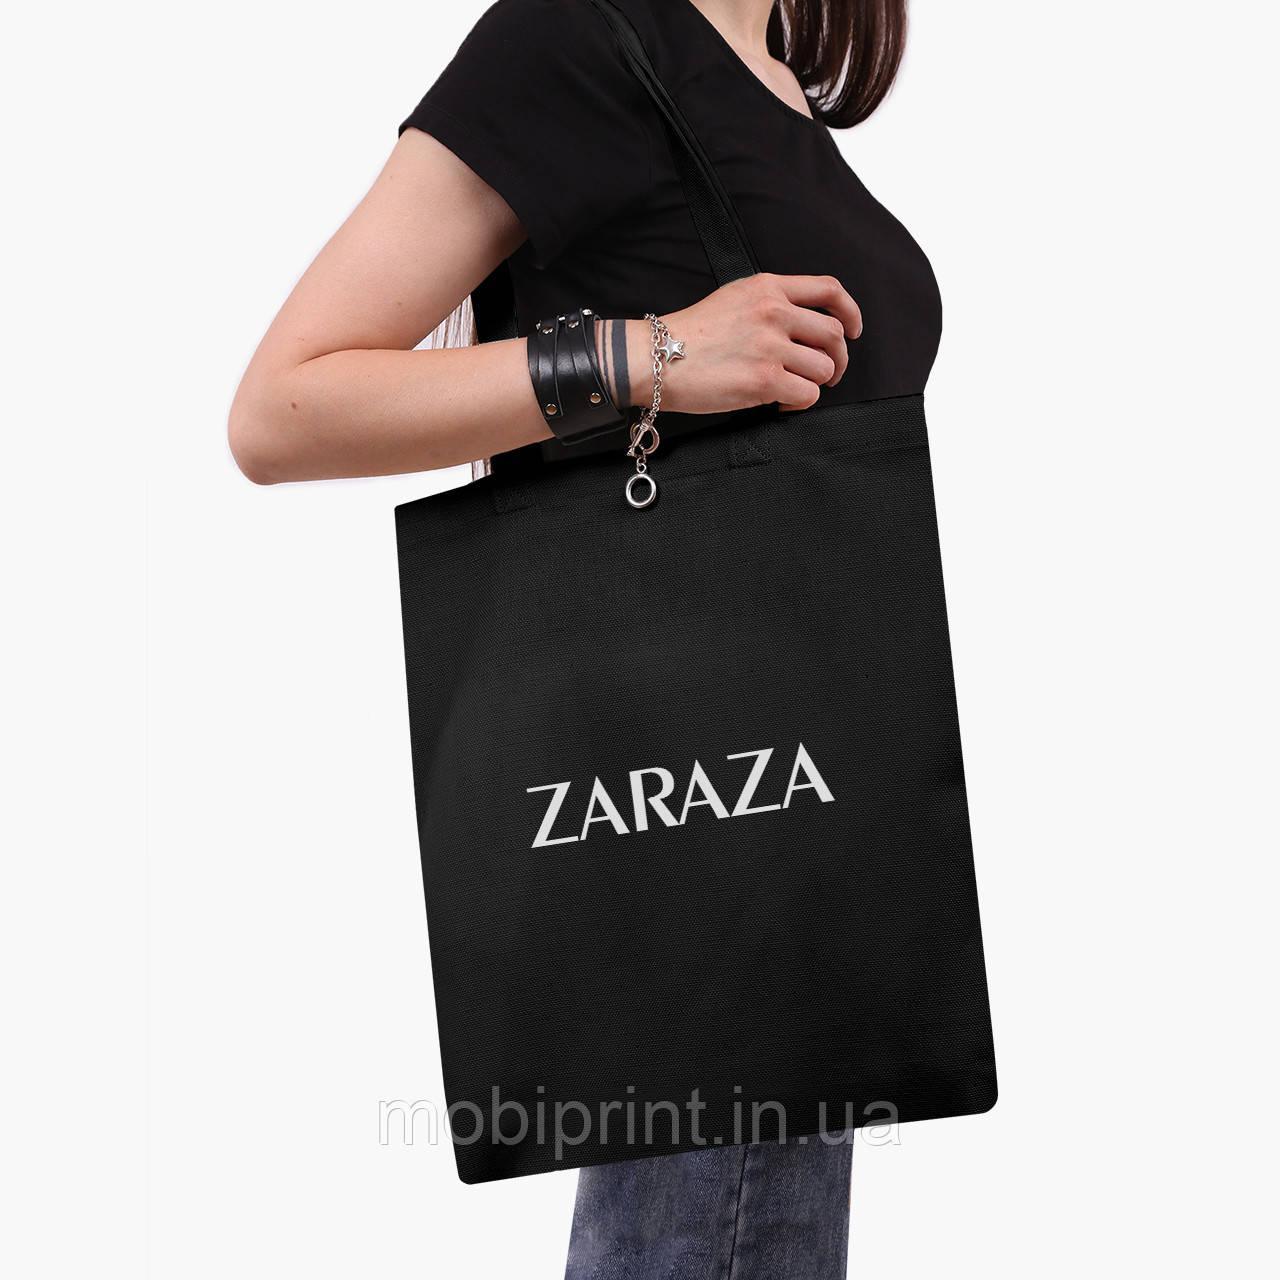 Эко сумка шоппер черная ZARAZA (9227-1782-2)  экосумка шопер 41*35 см